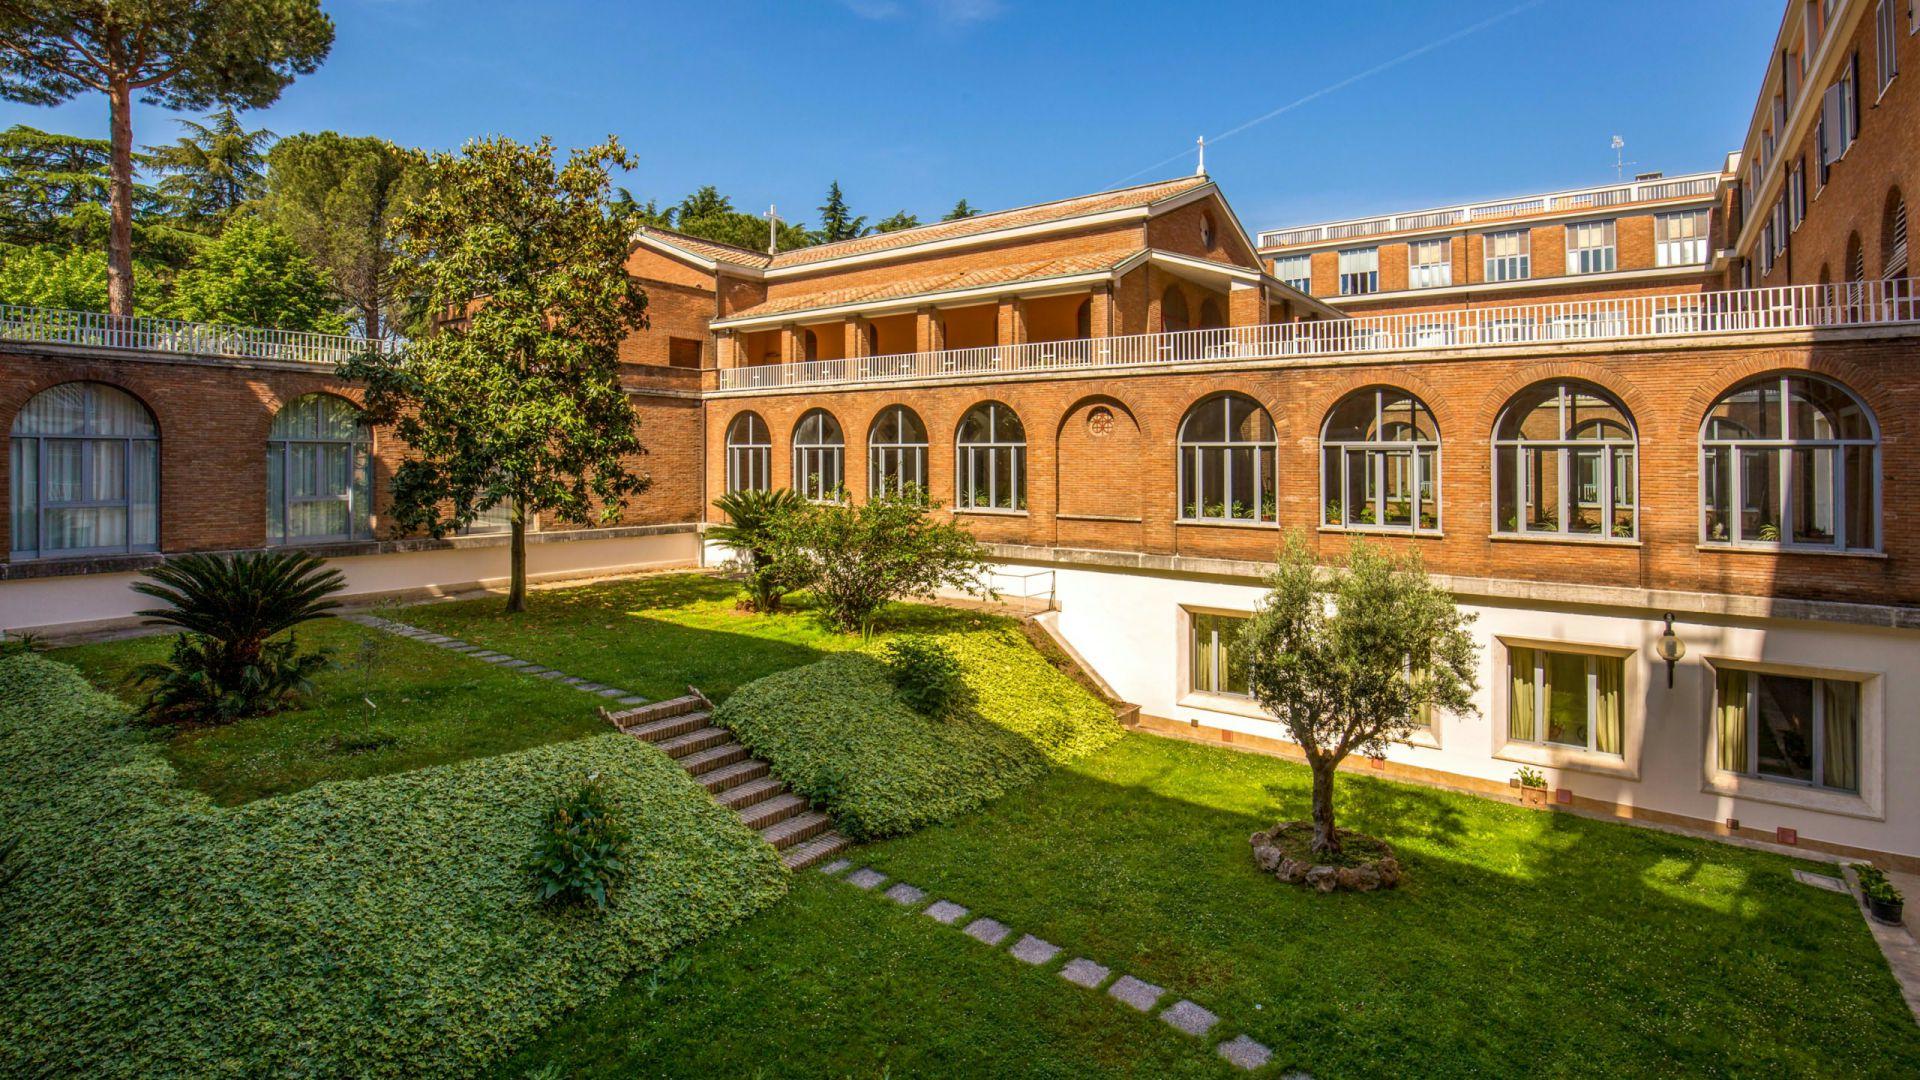 villa-aurelia-hotel-rome-outdoor-02